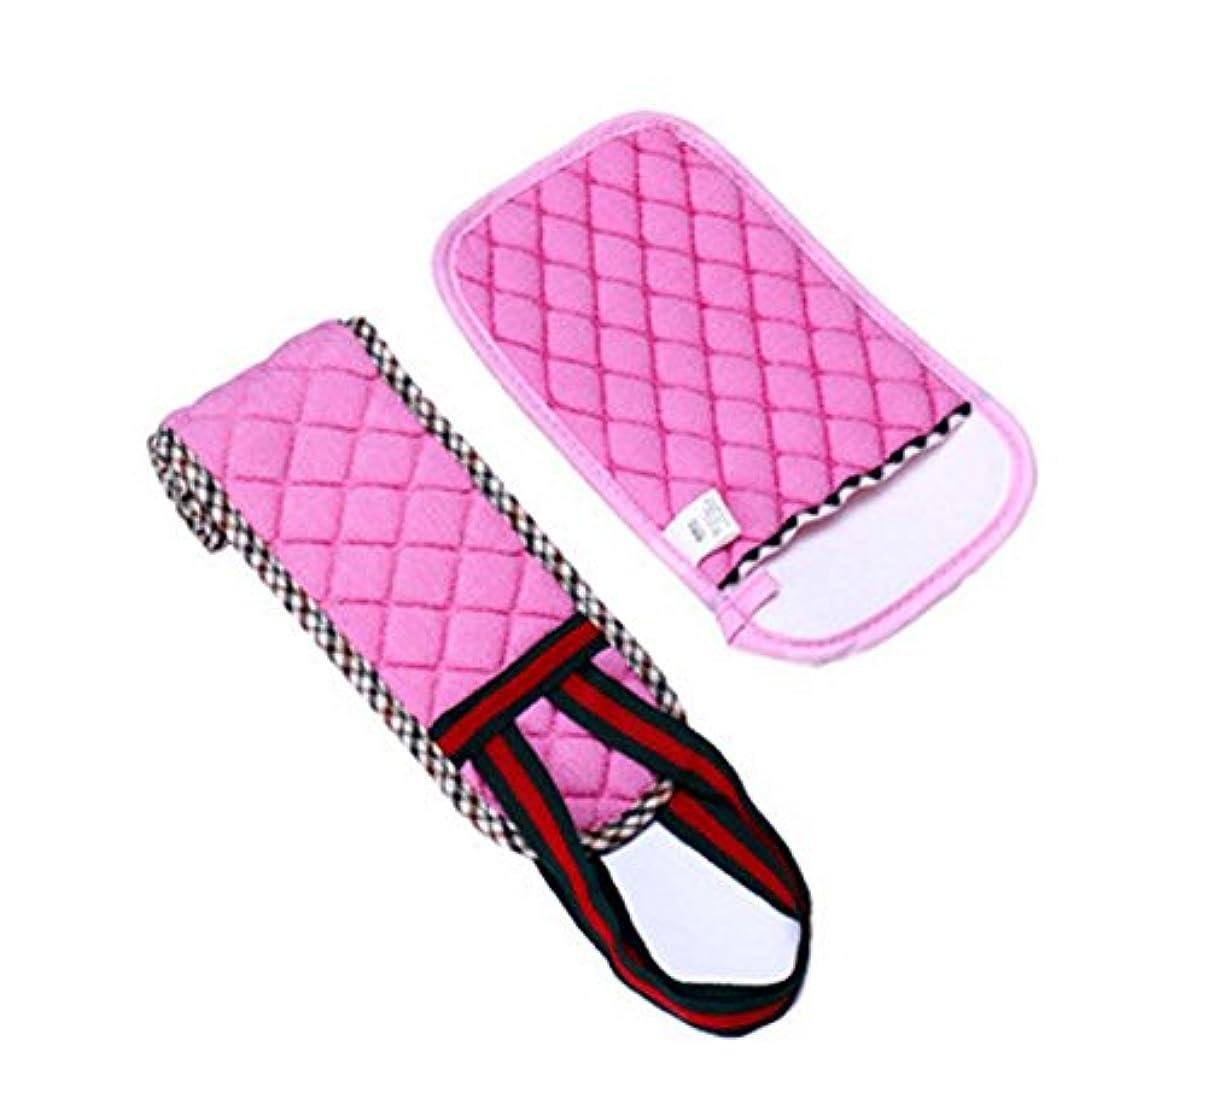 イディオム直感勝者2プルバックロングバスタオル/ラブマッドアダルト手袋セット、ピンク